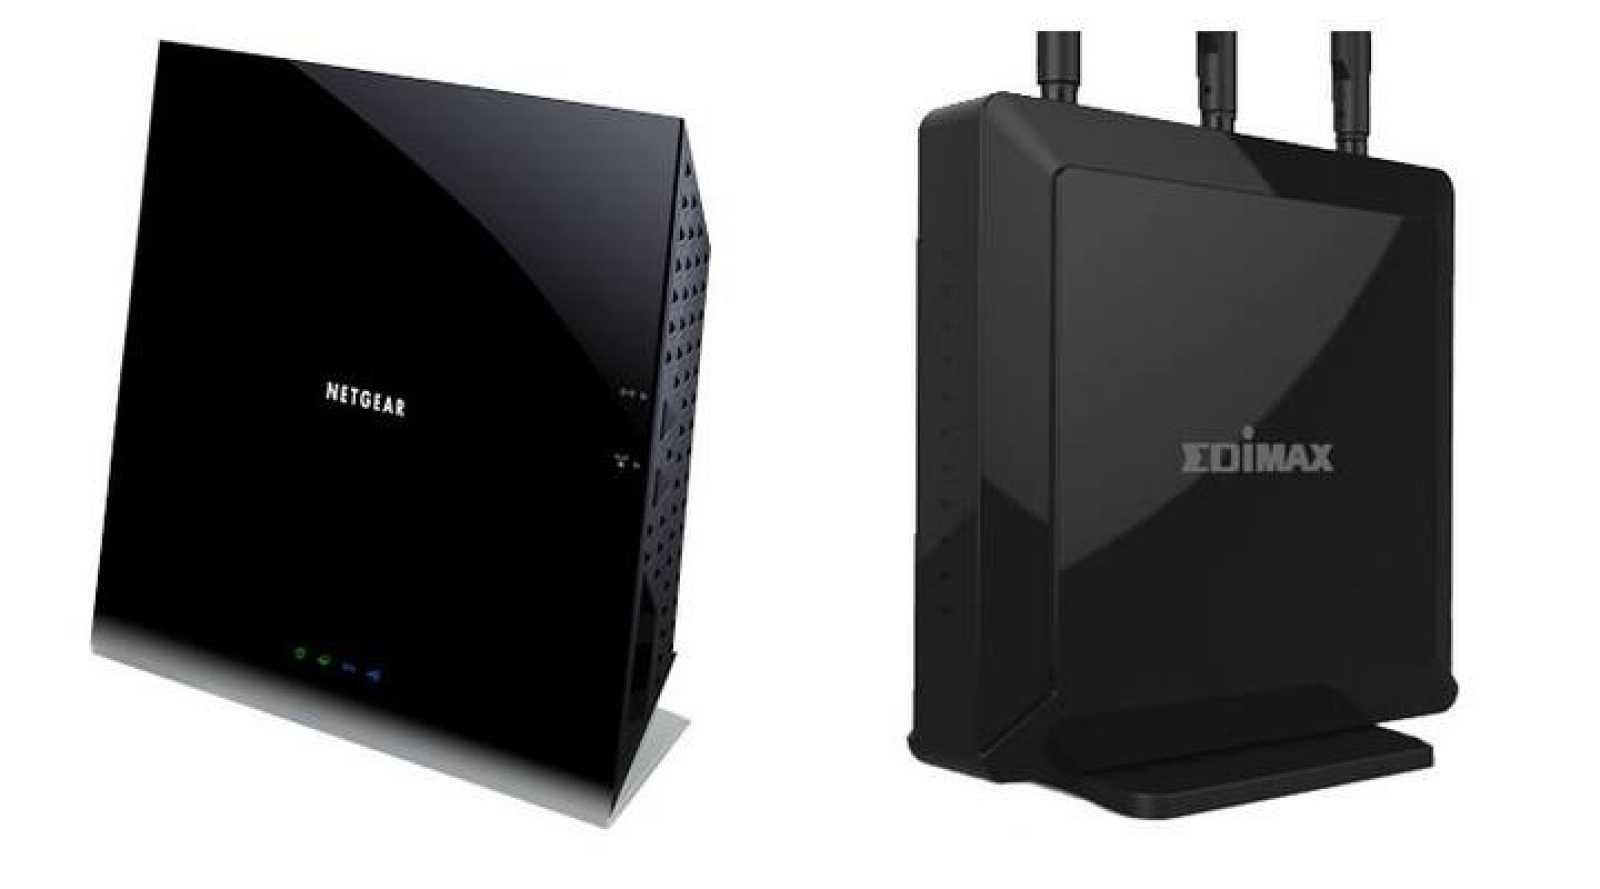 El nuevo WiFi 5G es capaz de transmitir a una velocidad de 867 megabits por segundo